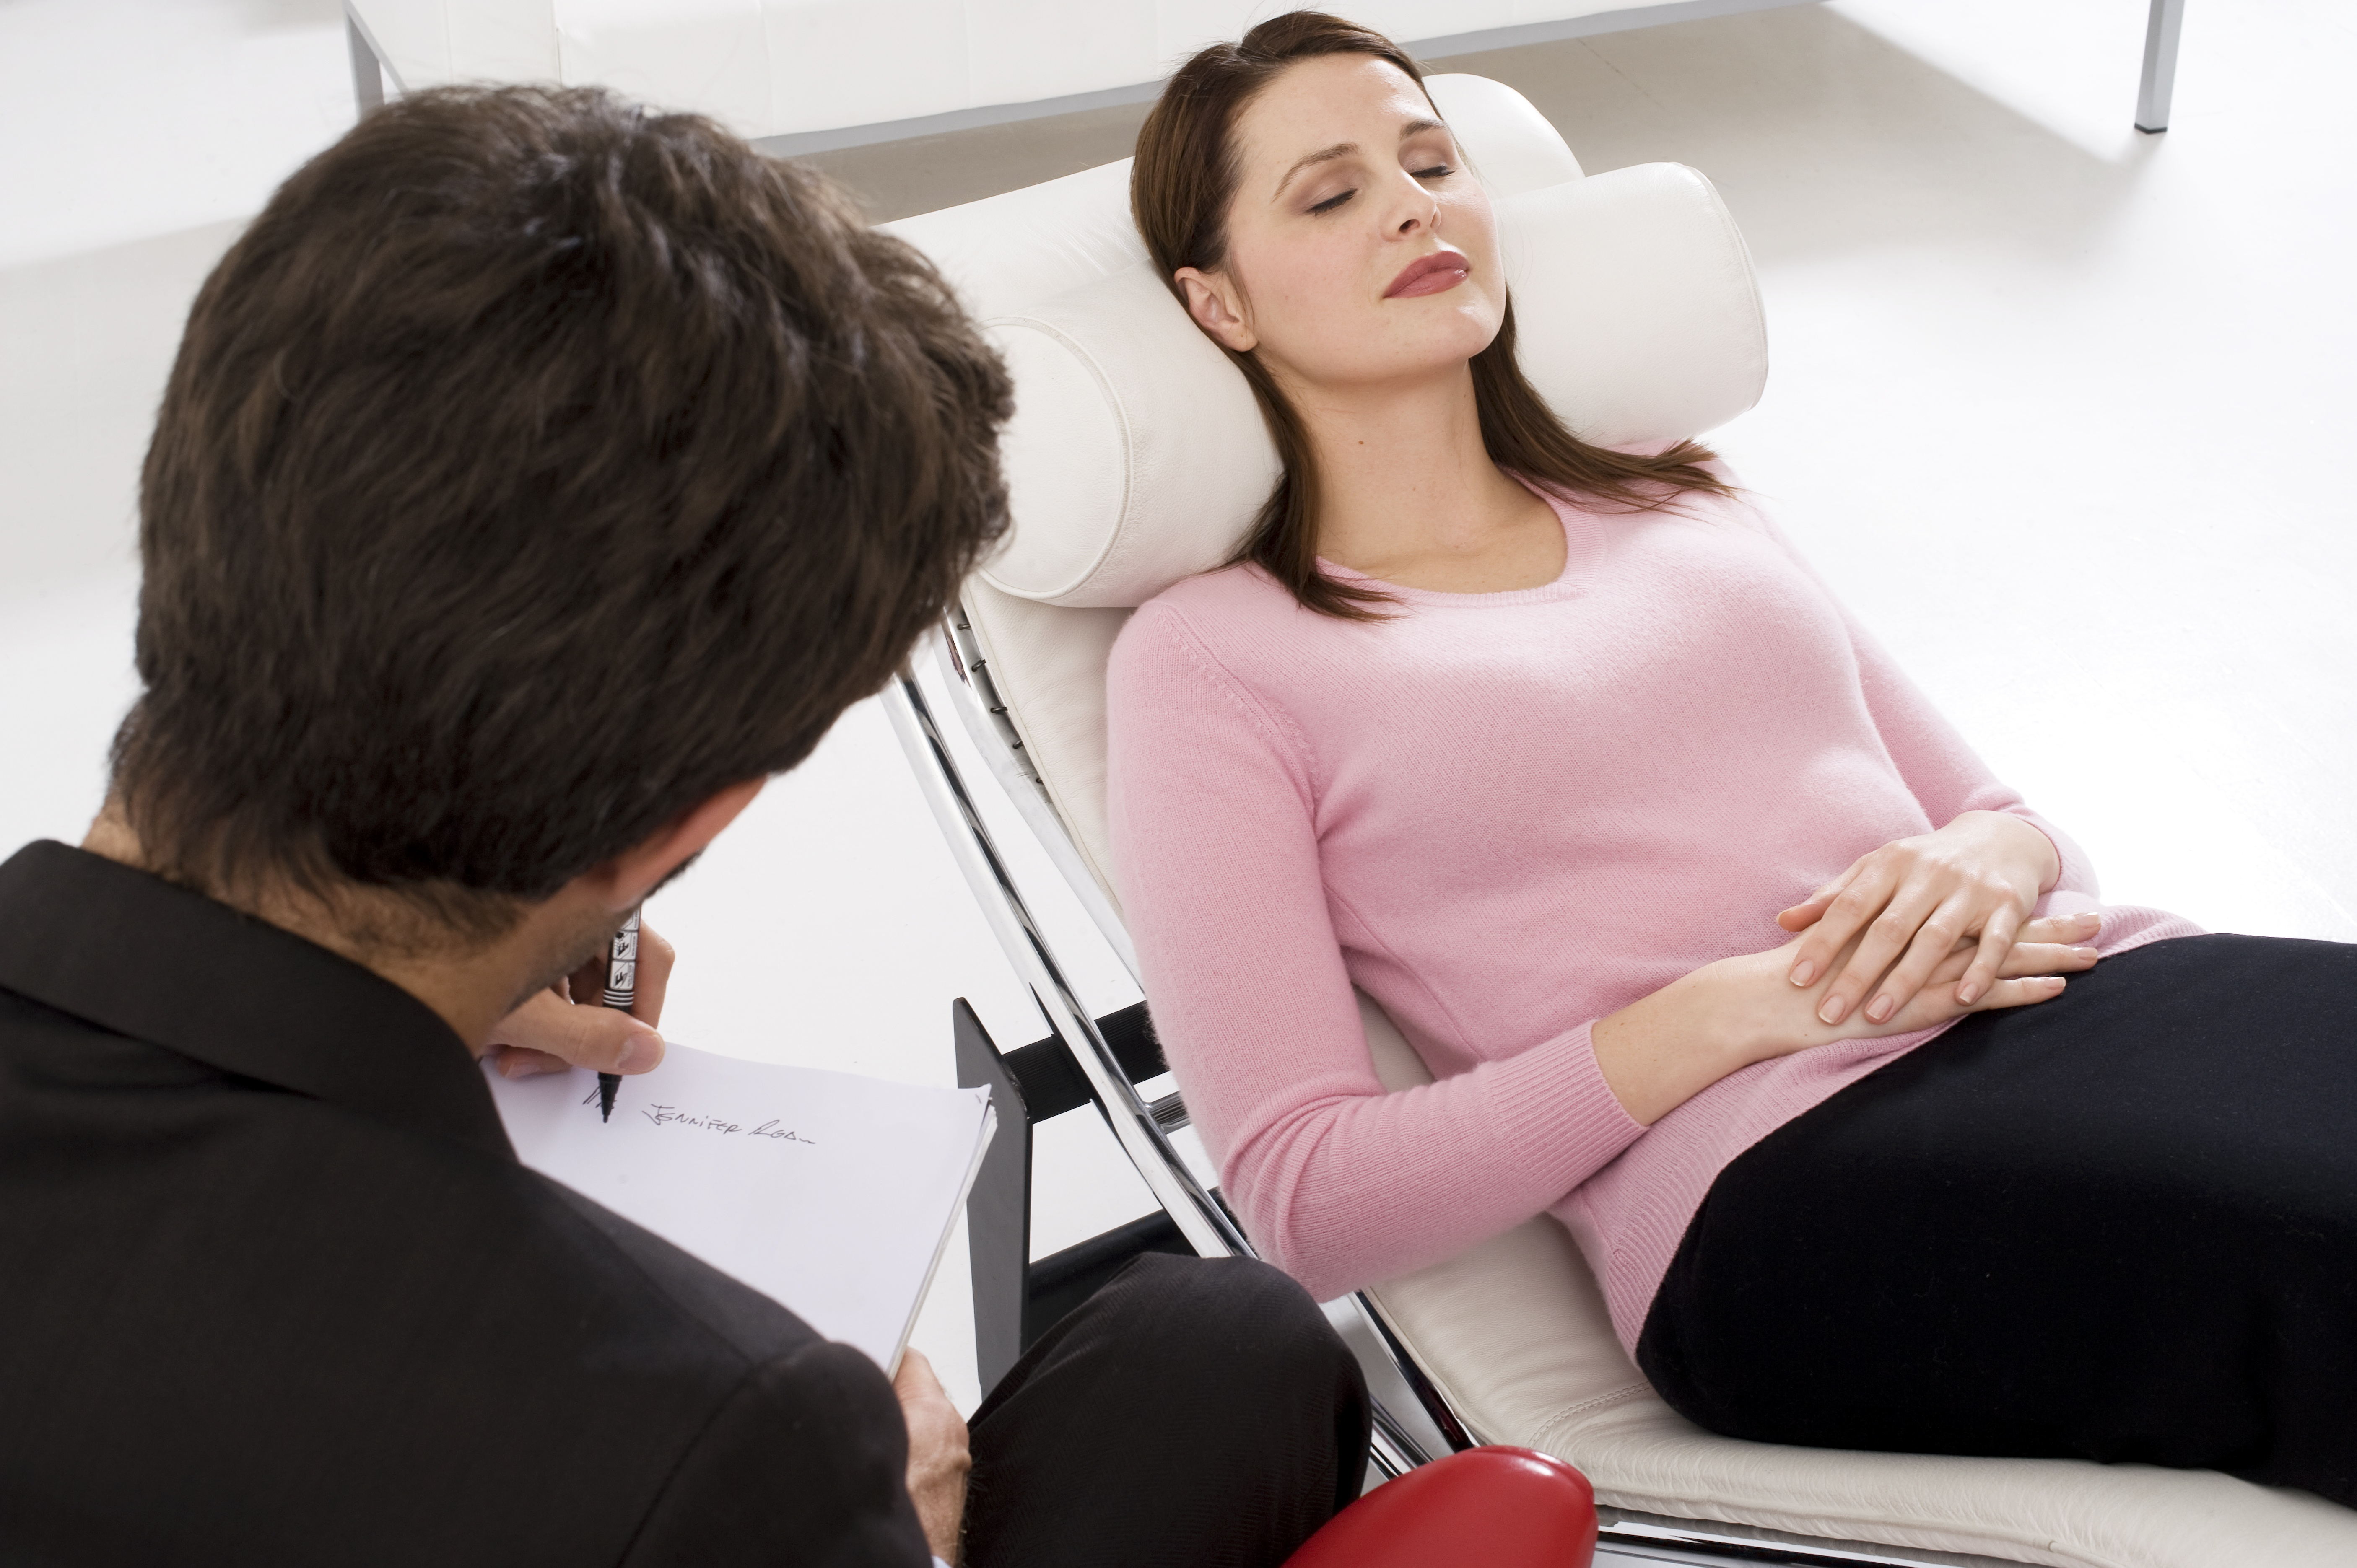 hipnosis clinica Las Rozas